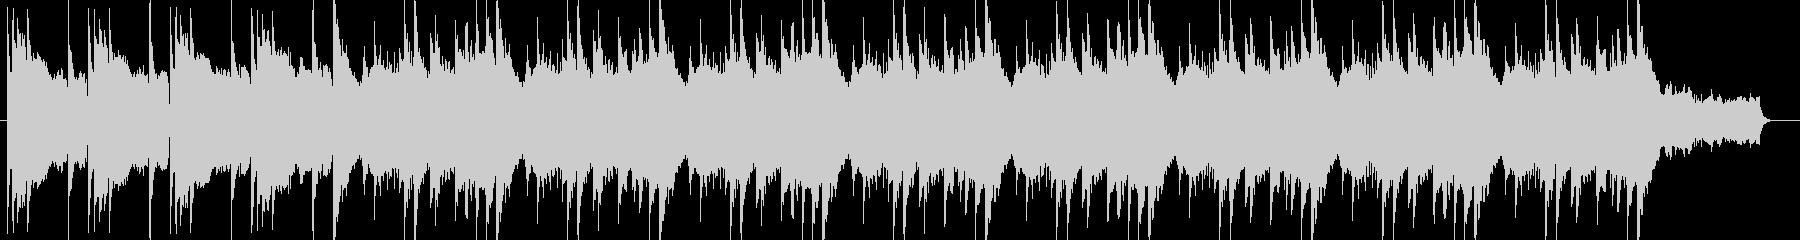 ピアノとバイオリンによるゆったりした曲の未再生の波形